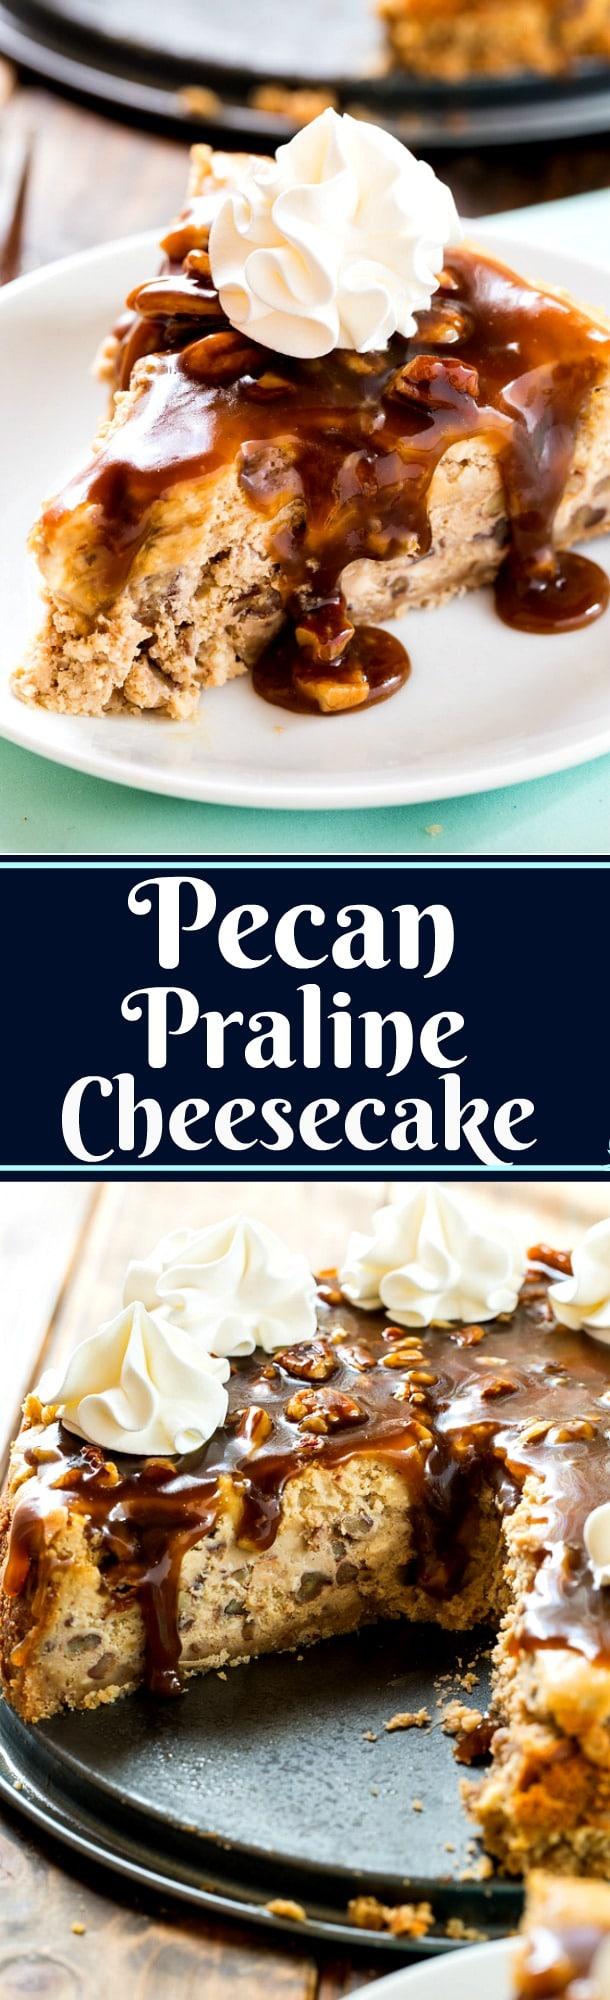 Pecan Praline Cheesecake